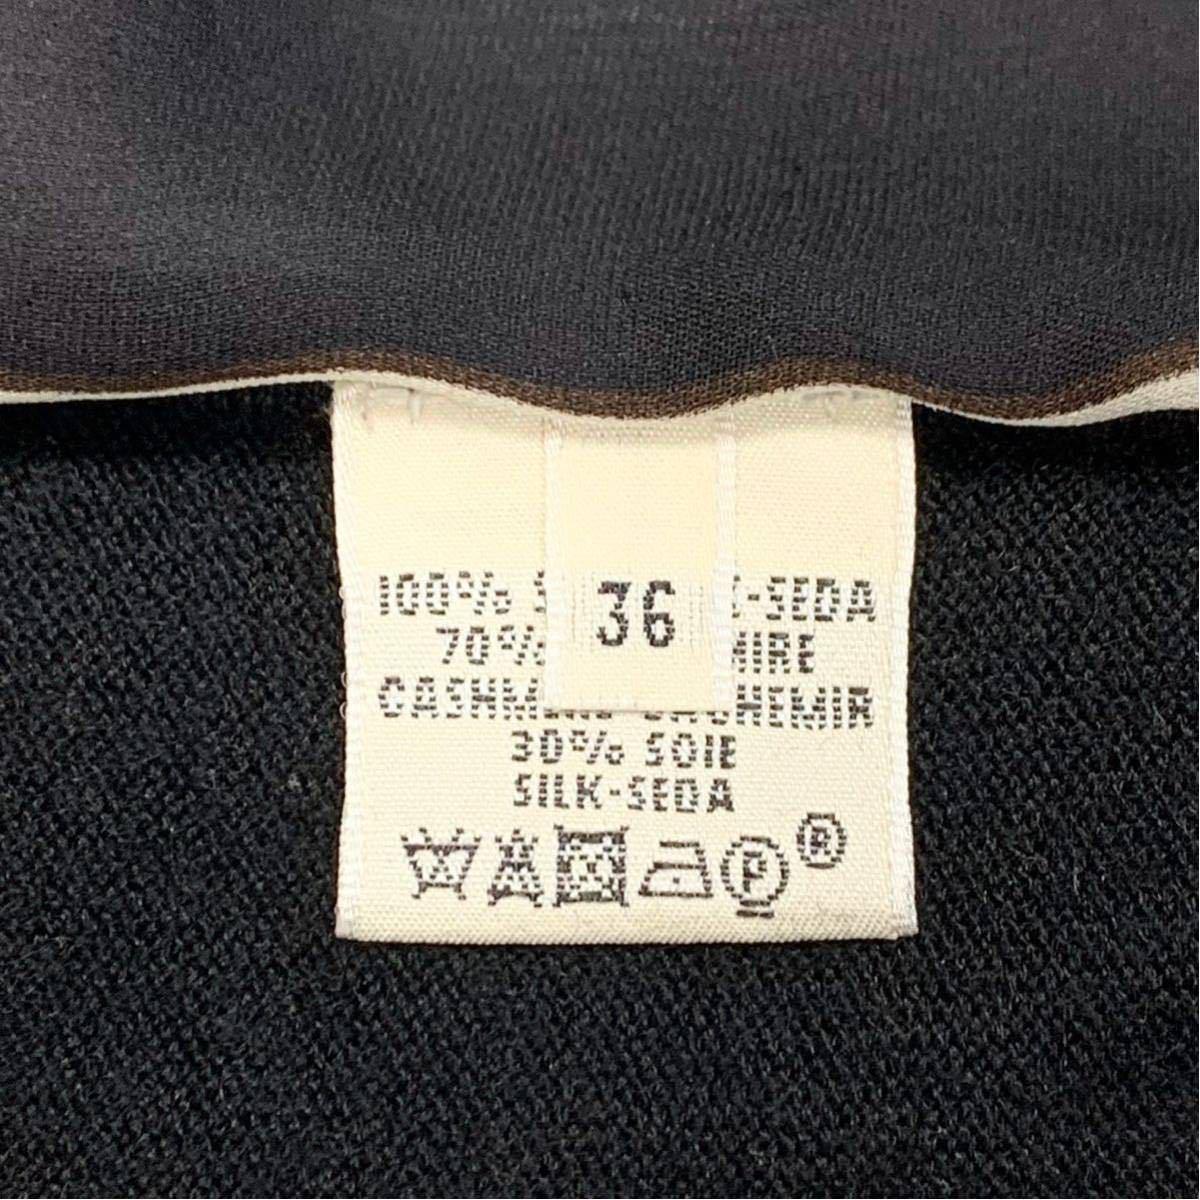 【E1669】超人気商品!HERMES エルメス《一番人気のステッキ柄》最高級!カシミヤ シルク カレ ニット セーター 36 黒【世界入手困難品!】_画像7